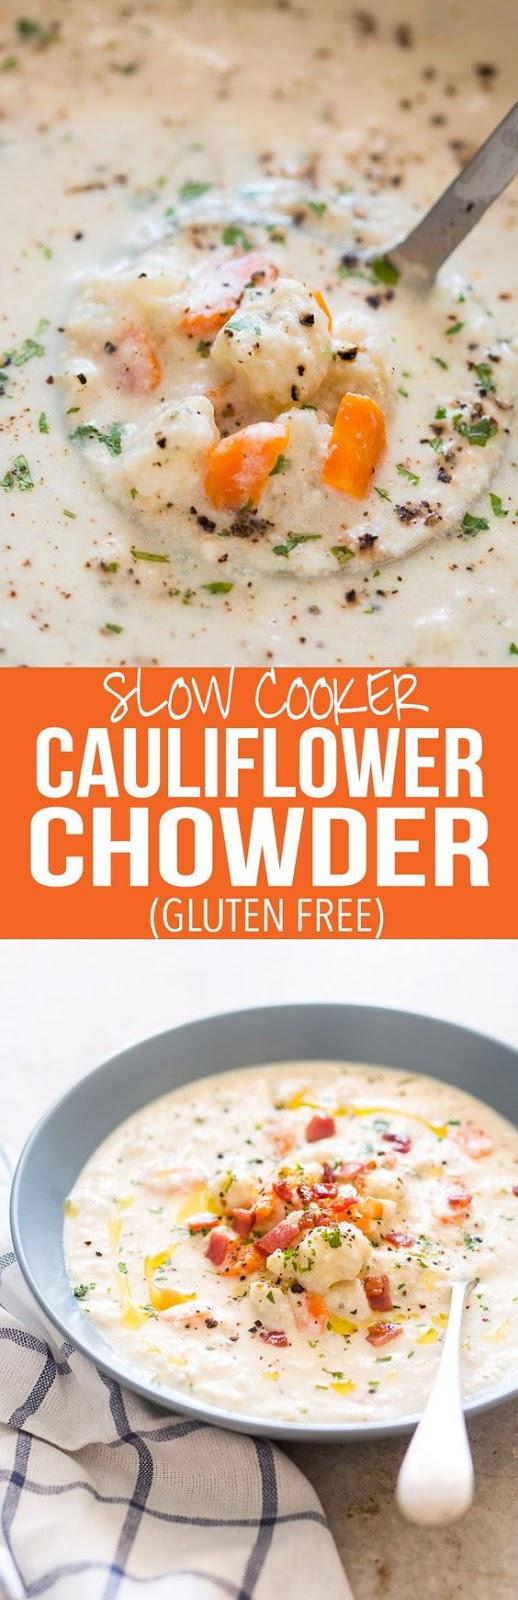 ★★★★☆ 3209 ratings       | creamy cauliflower chowder #creamy #cauliflower #chowder #vegetarian #soup